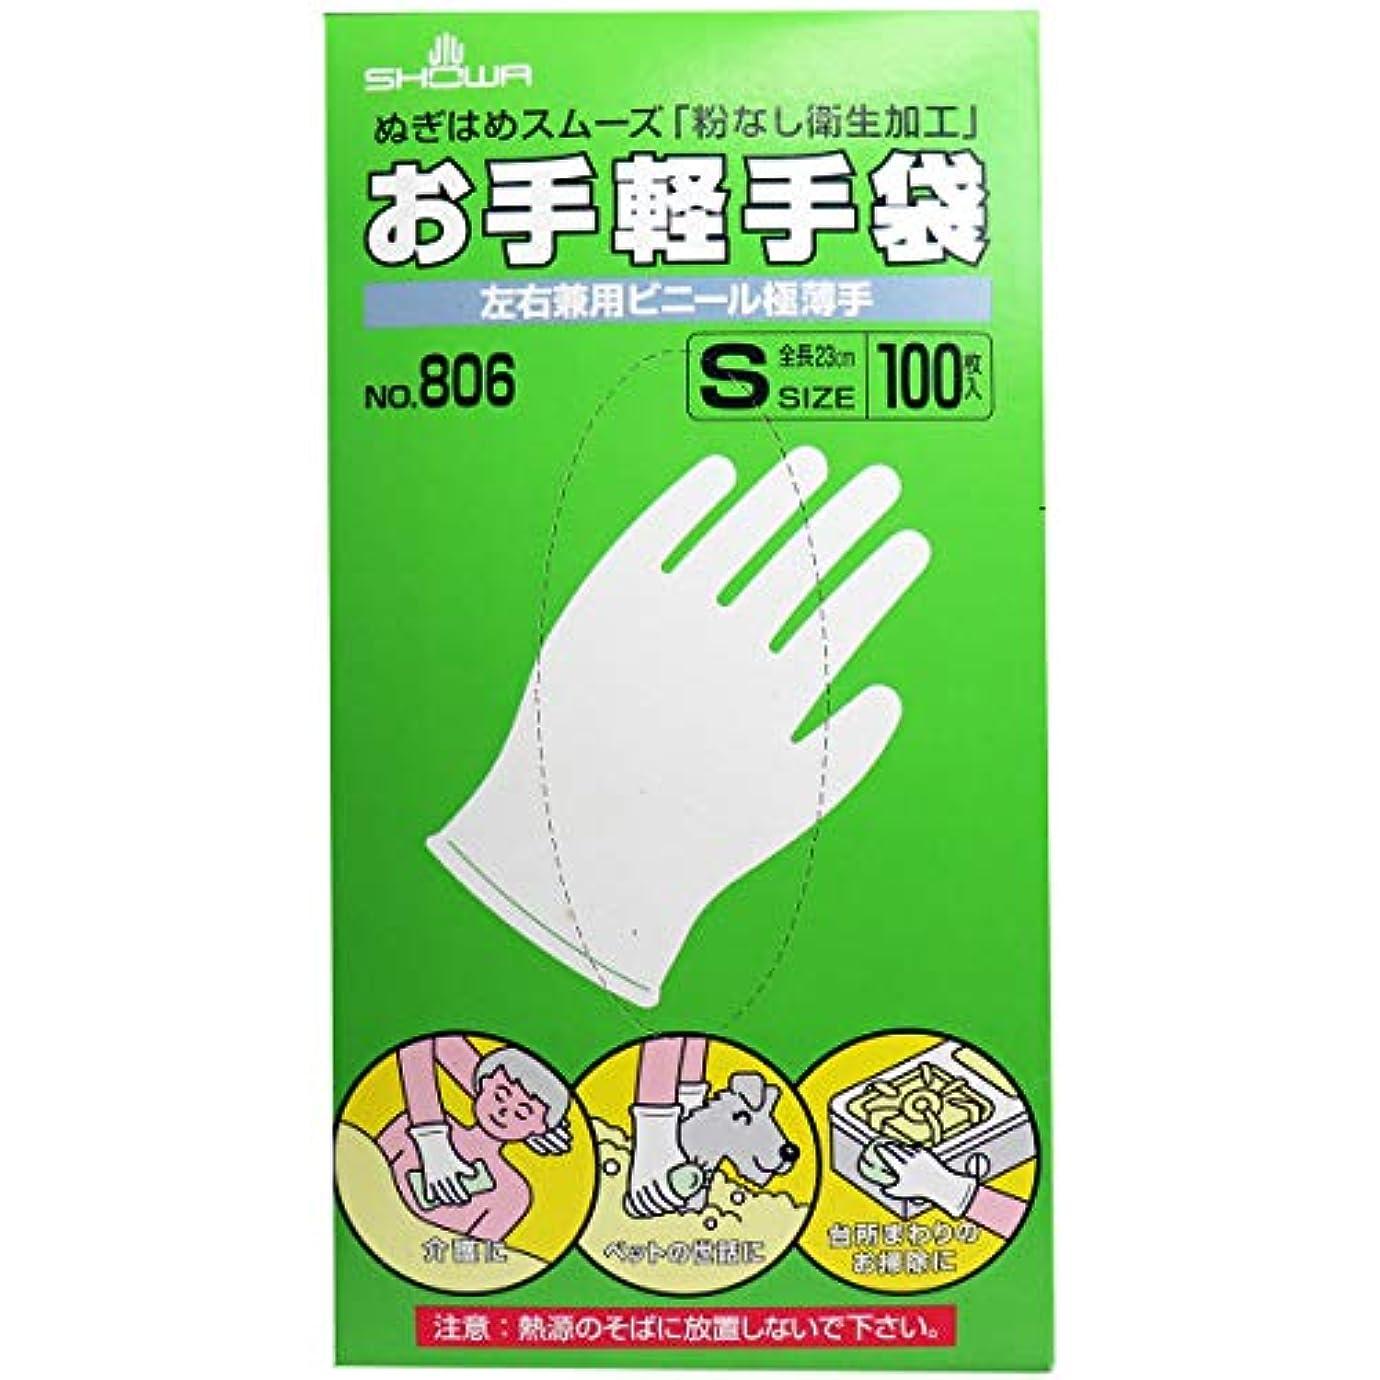 反対に栄光検証お手軽手袋 No.806 左右兼用ビニール極薄手 粉なし Sサイズ 100枚入×2個セット